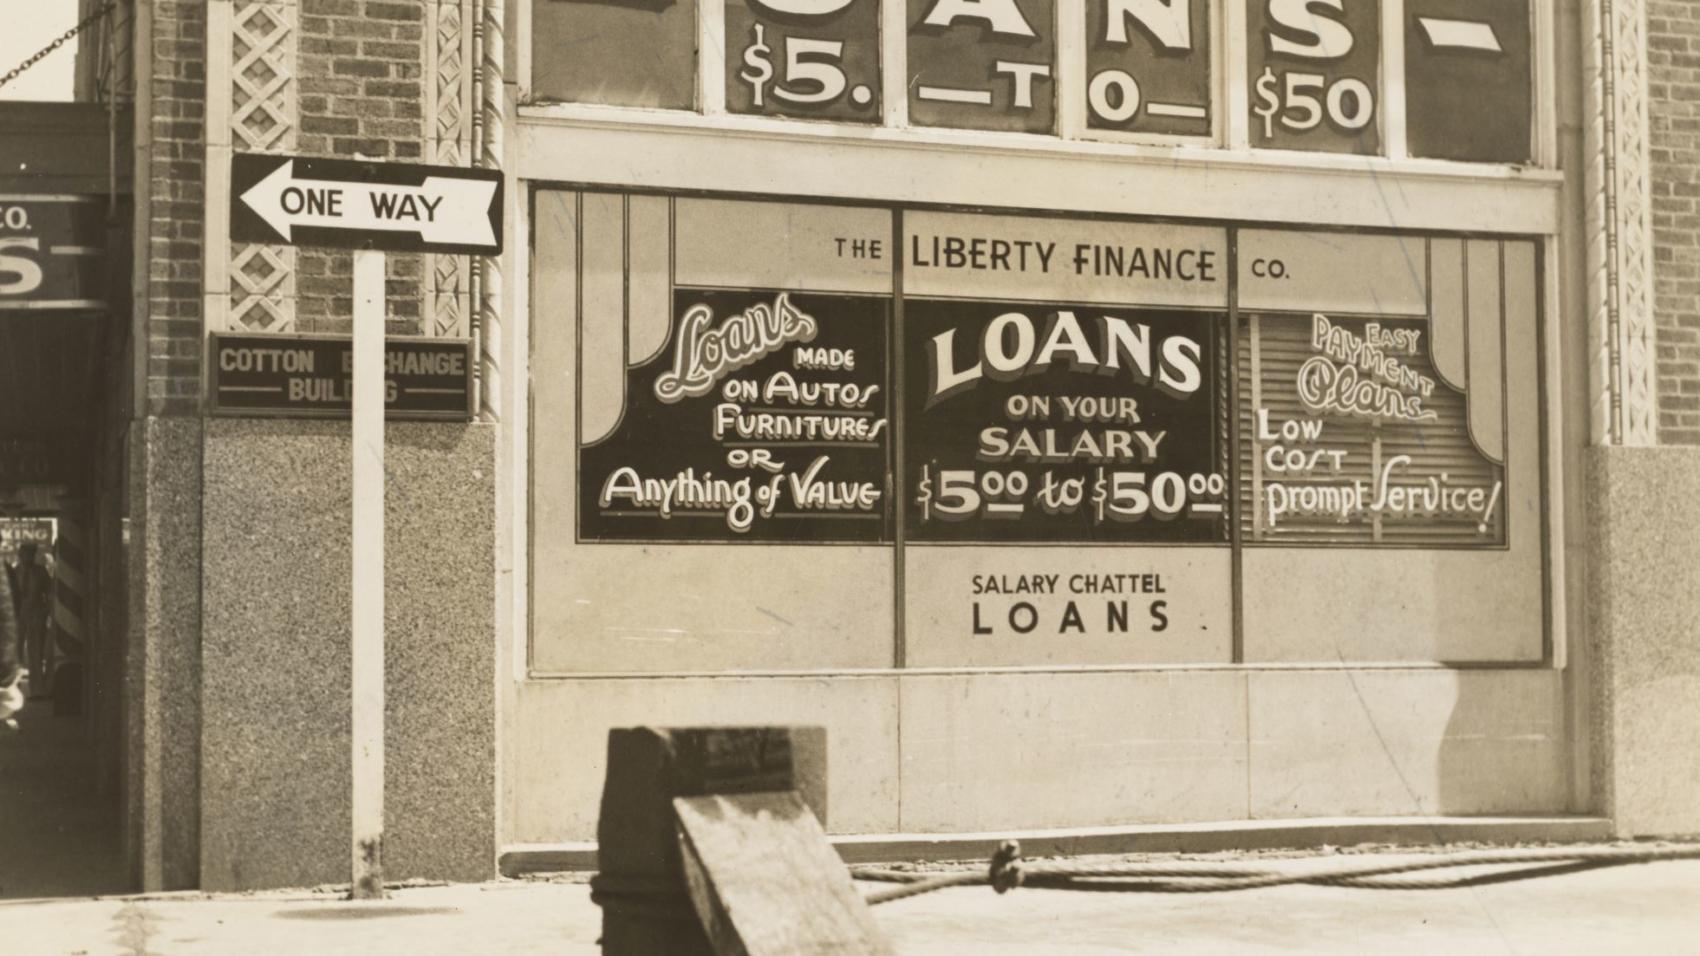 Conforming & Non-Conforming Loans